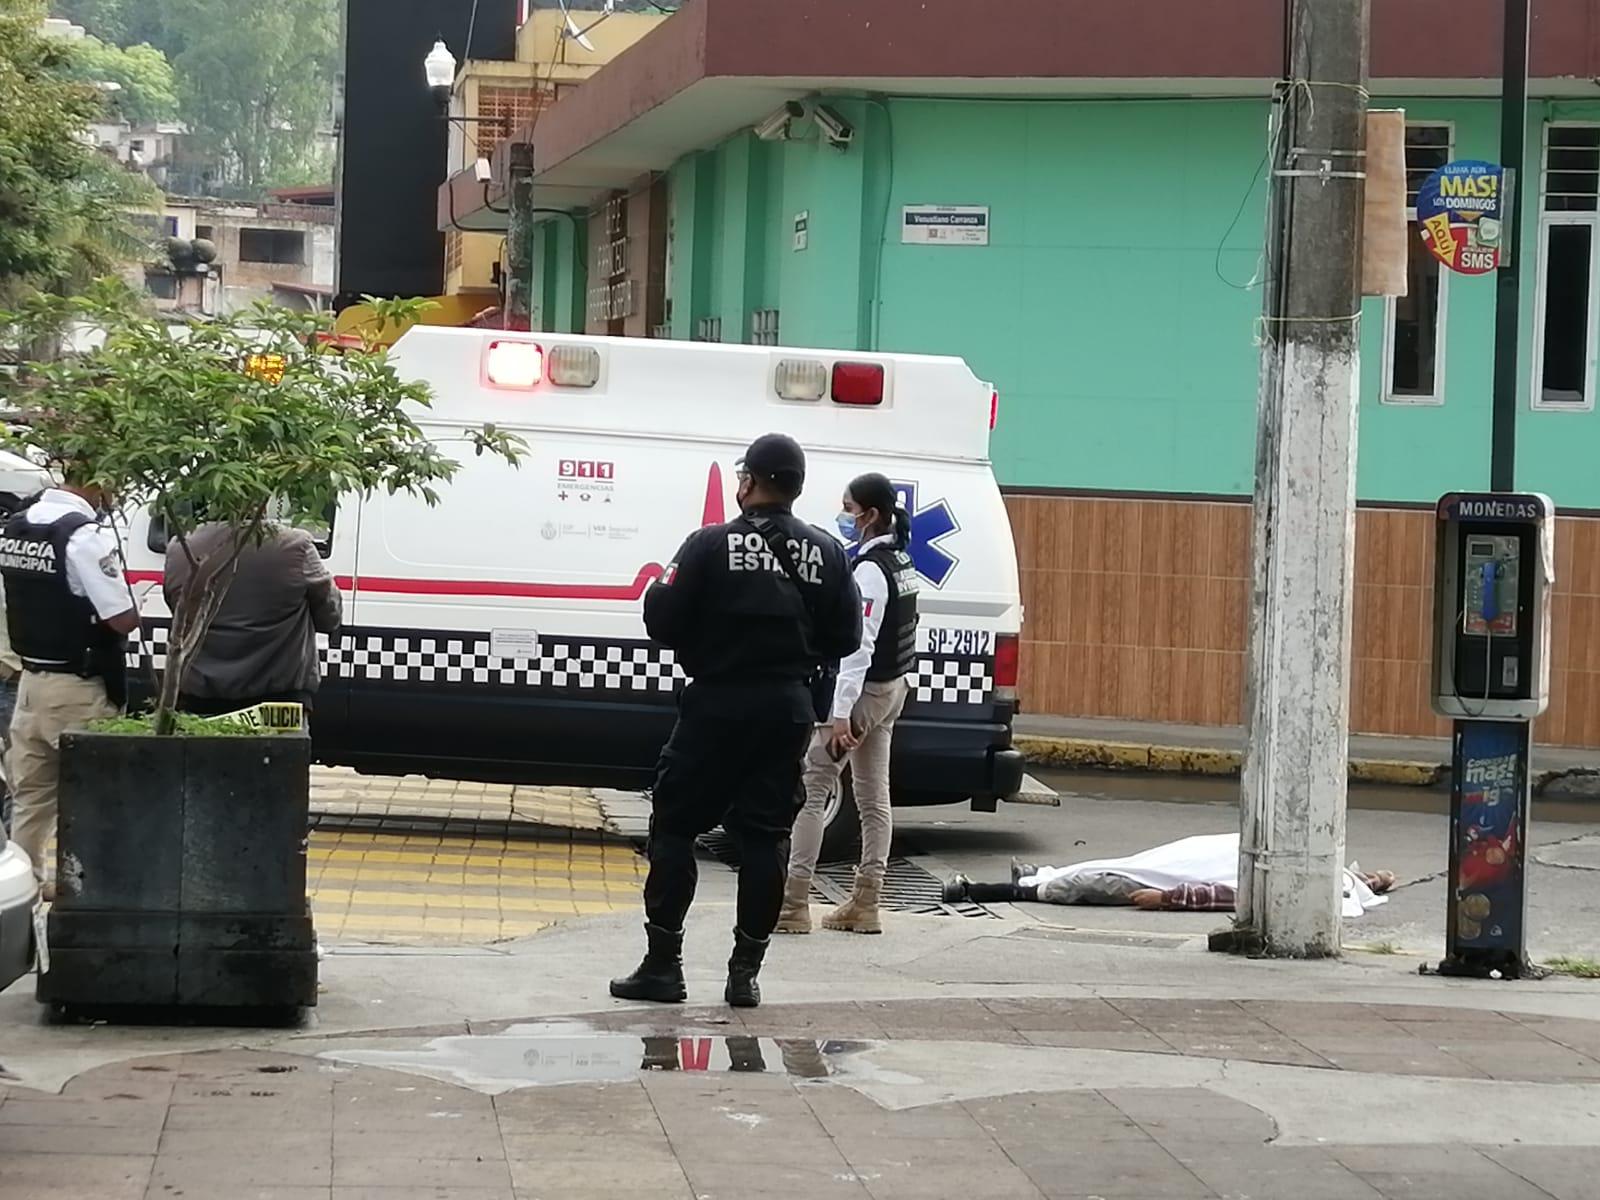 Chofer del servicio urbano atropella y mata a adulto mayor, en barrio de El Dique